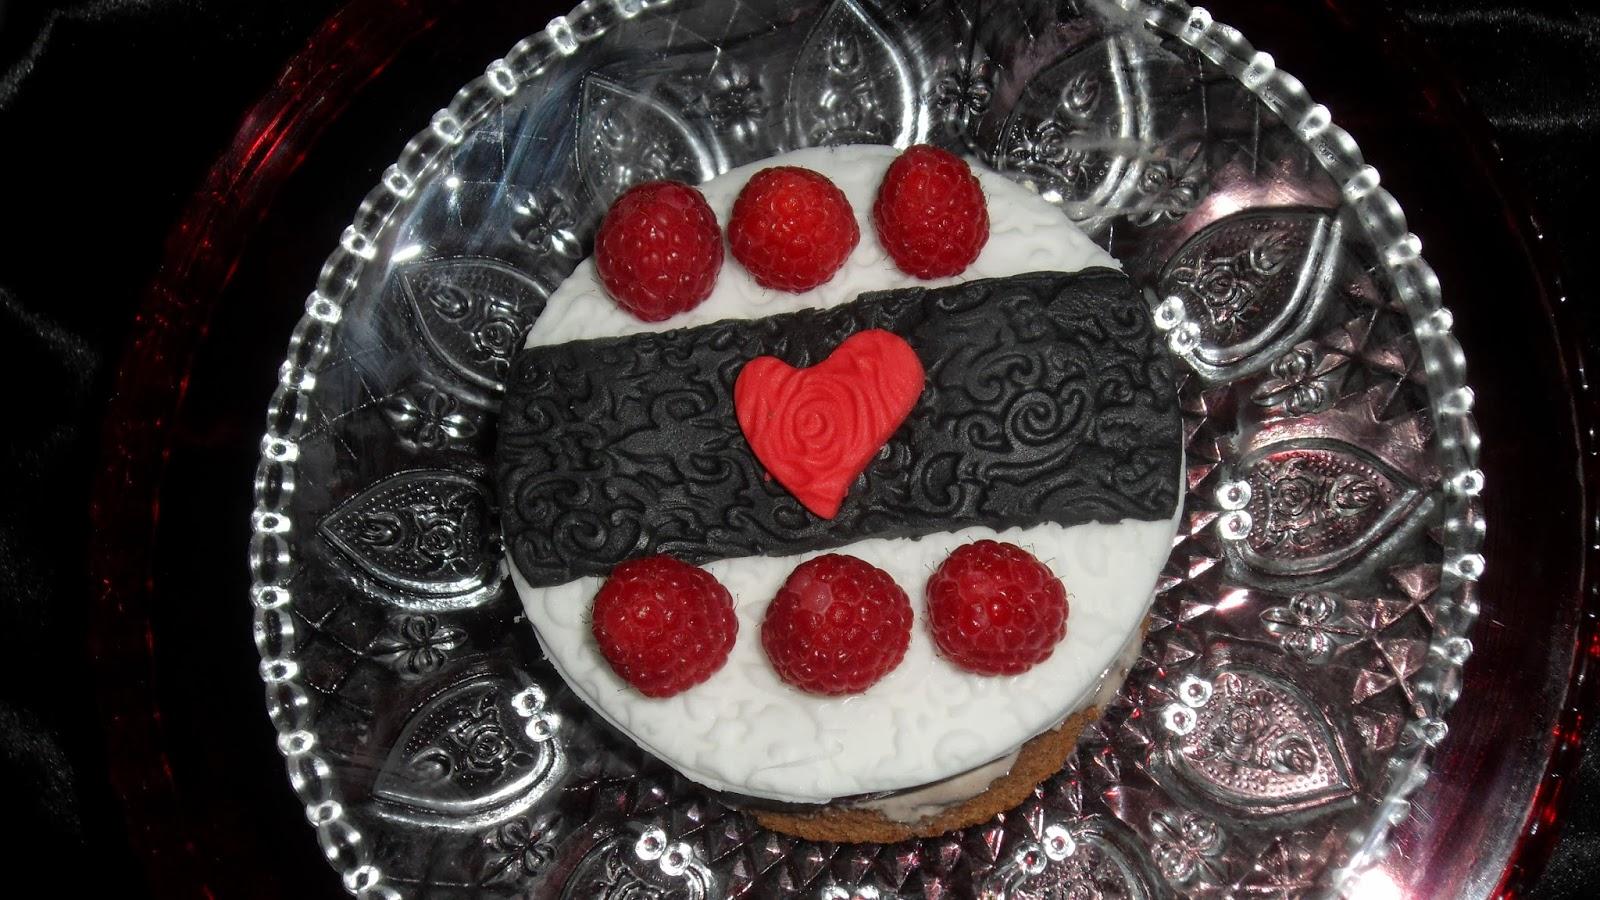 ricetta: torta al cioccolato fondente e lamponi con mousse al cioccolato e zenzero